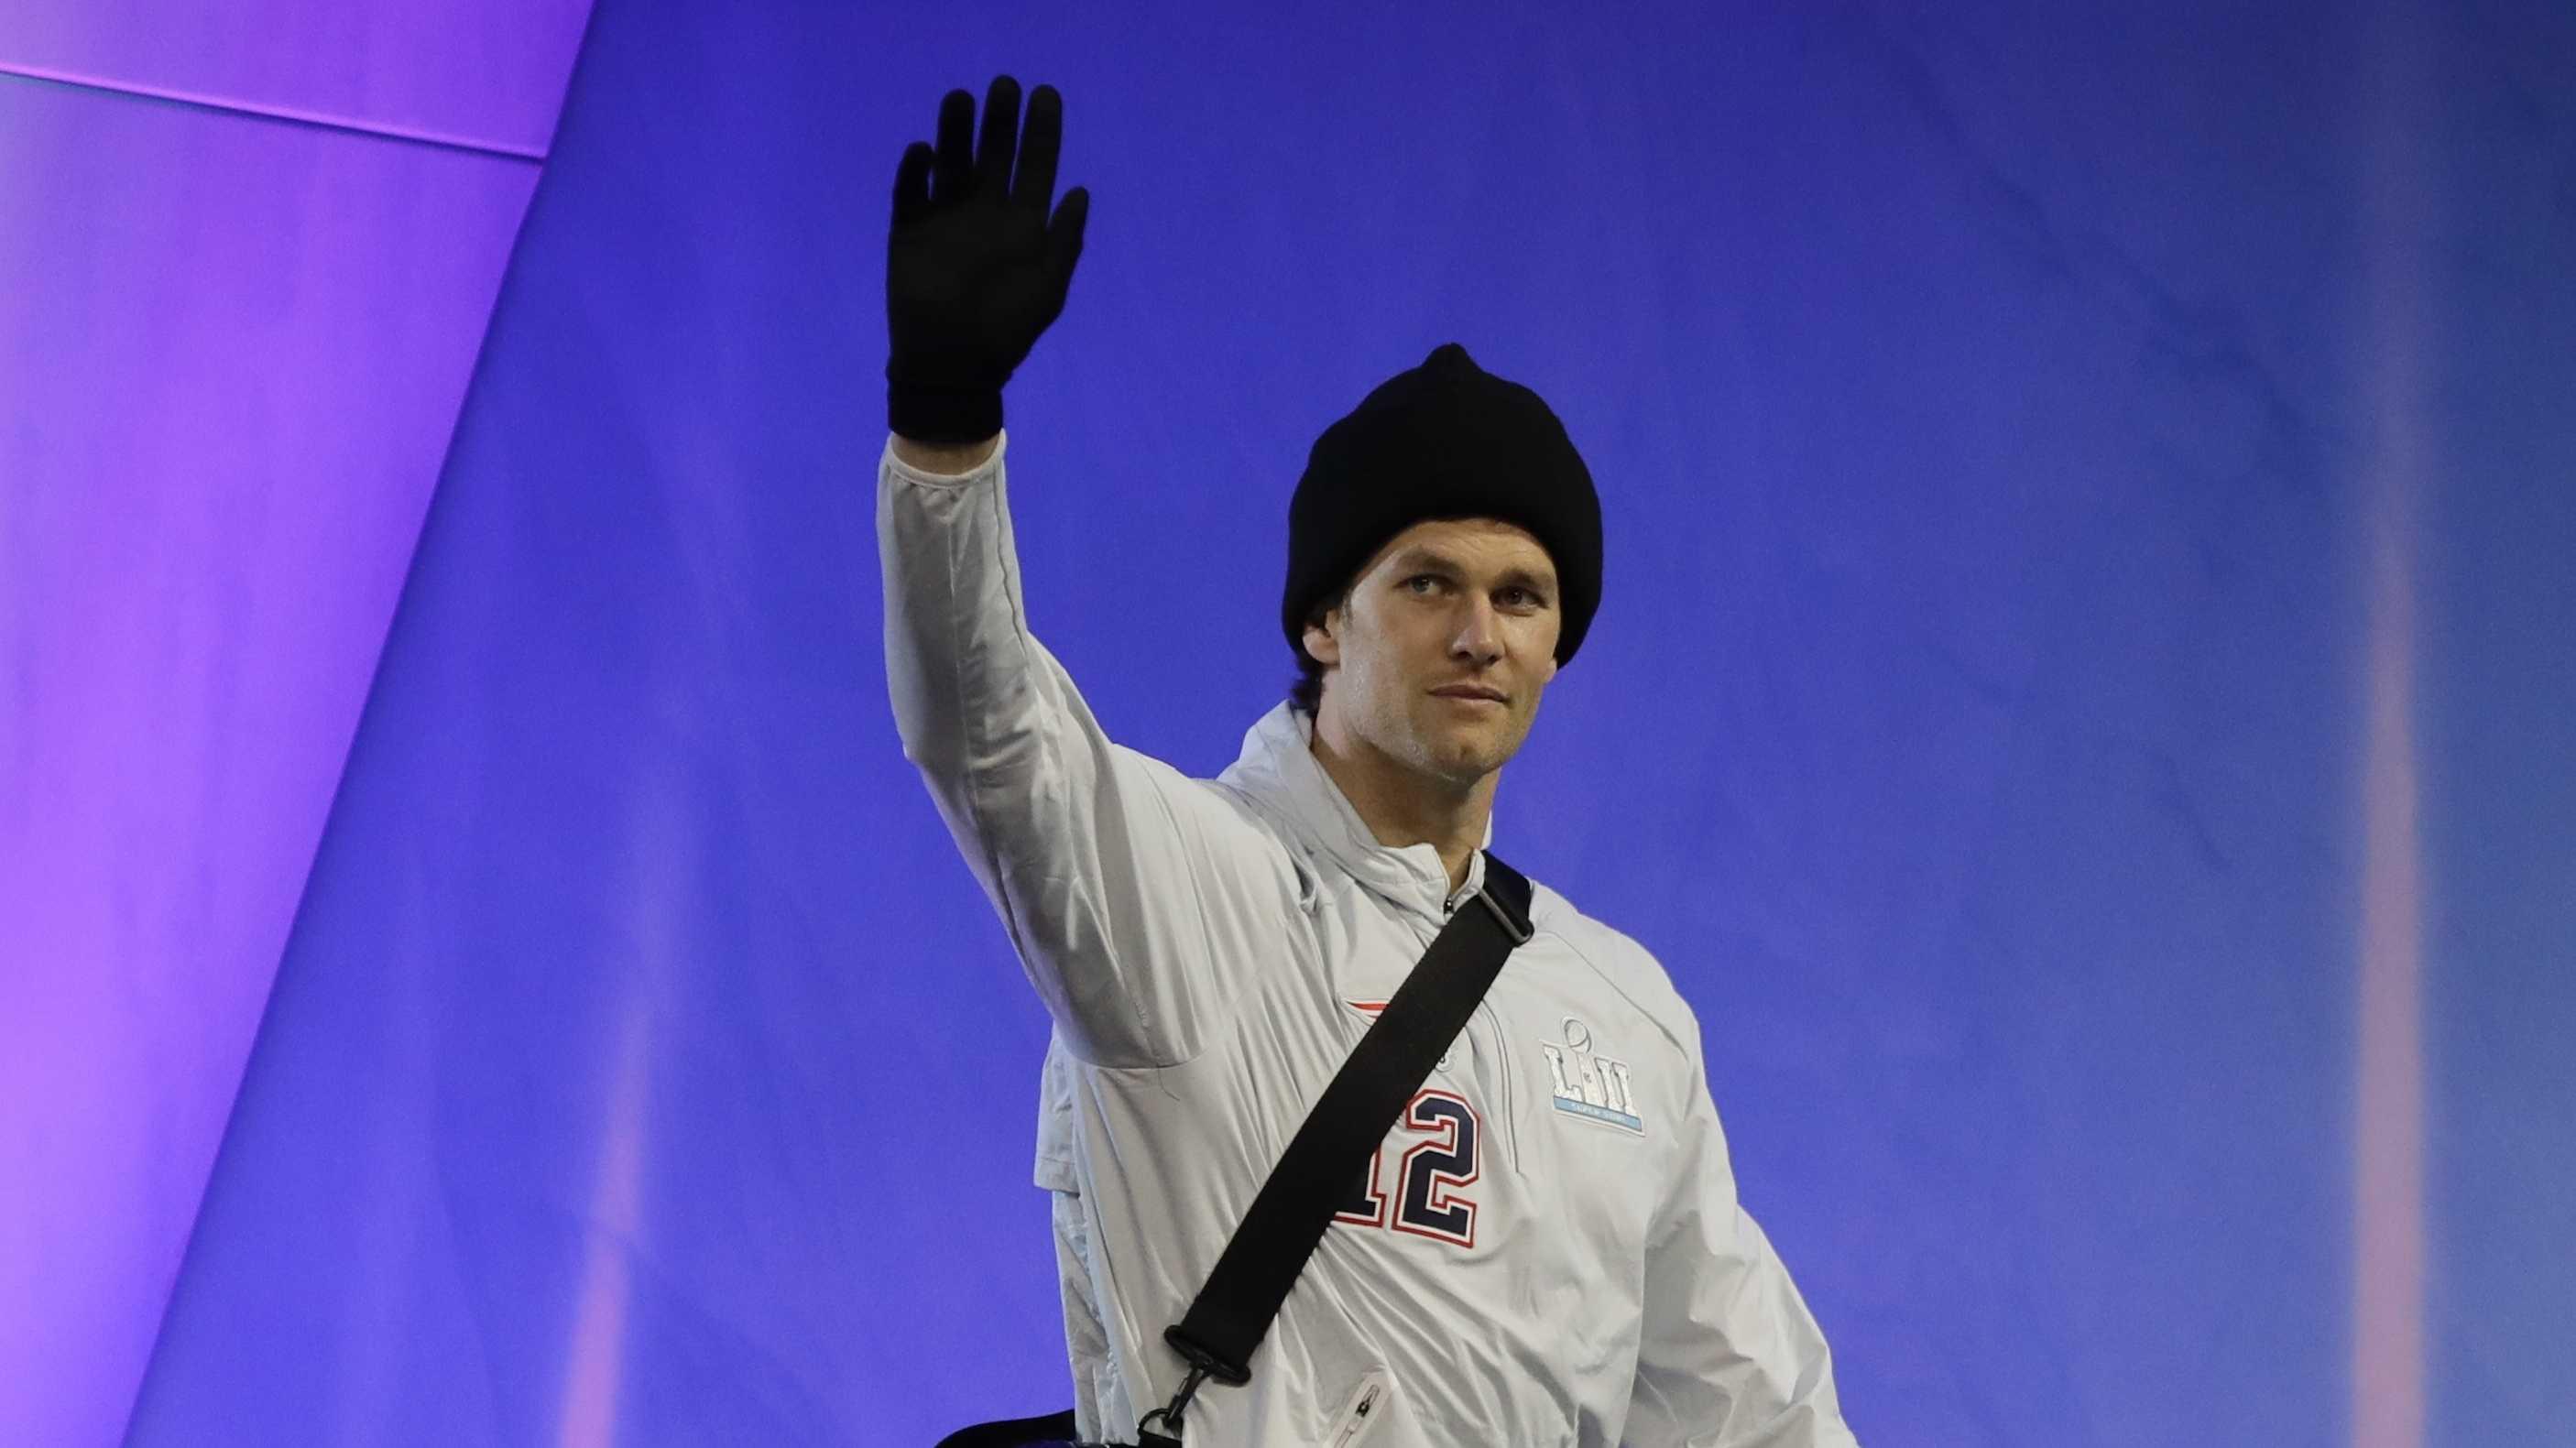 Tom Brady wearing gloves